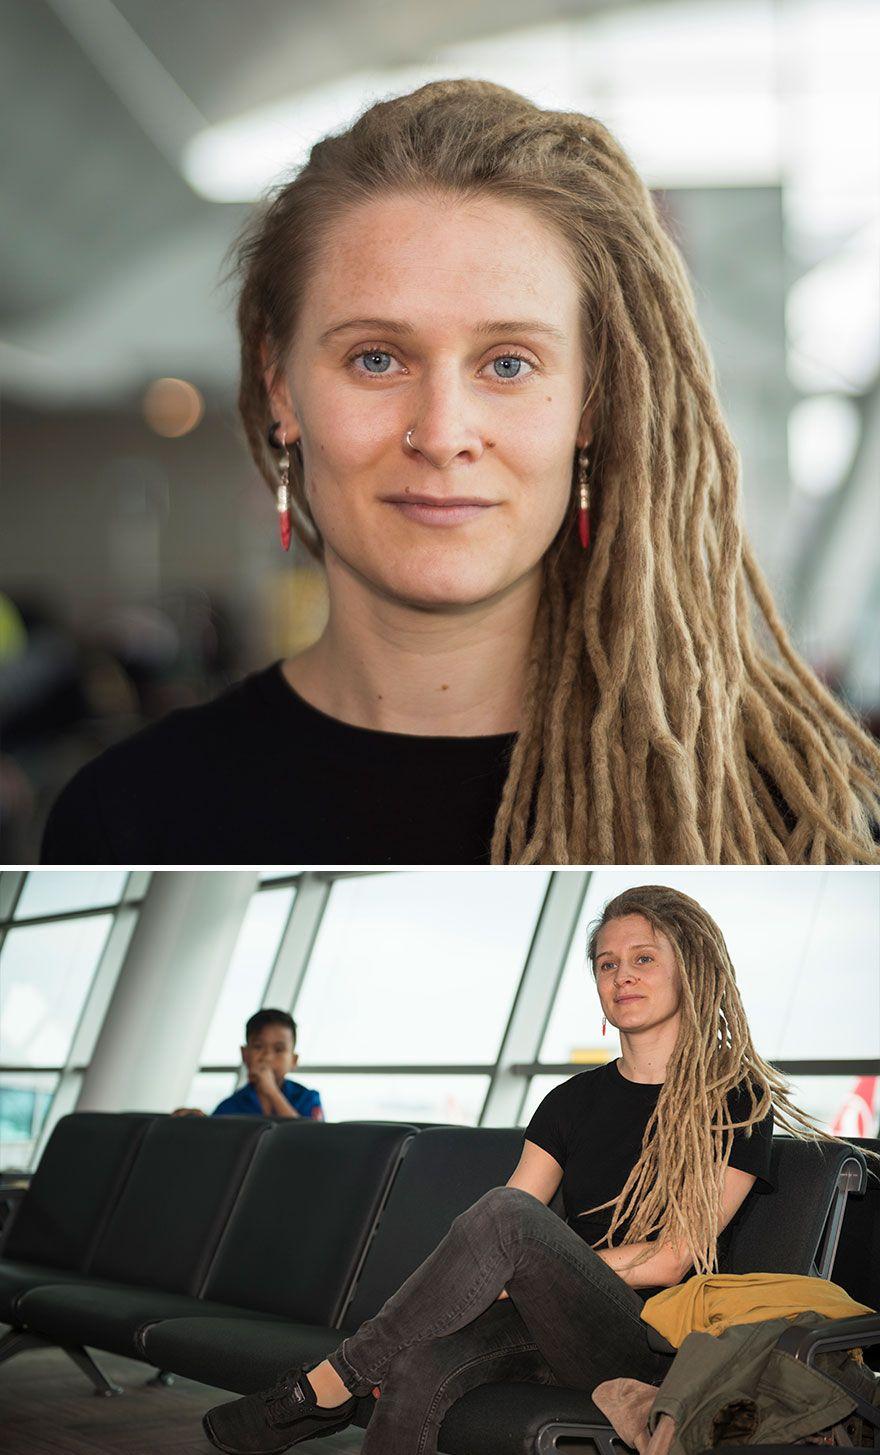 Je Travaille Laroport Et Photographie Des Personnes